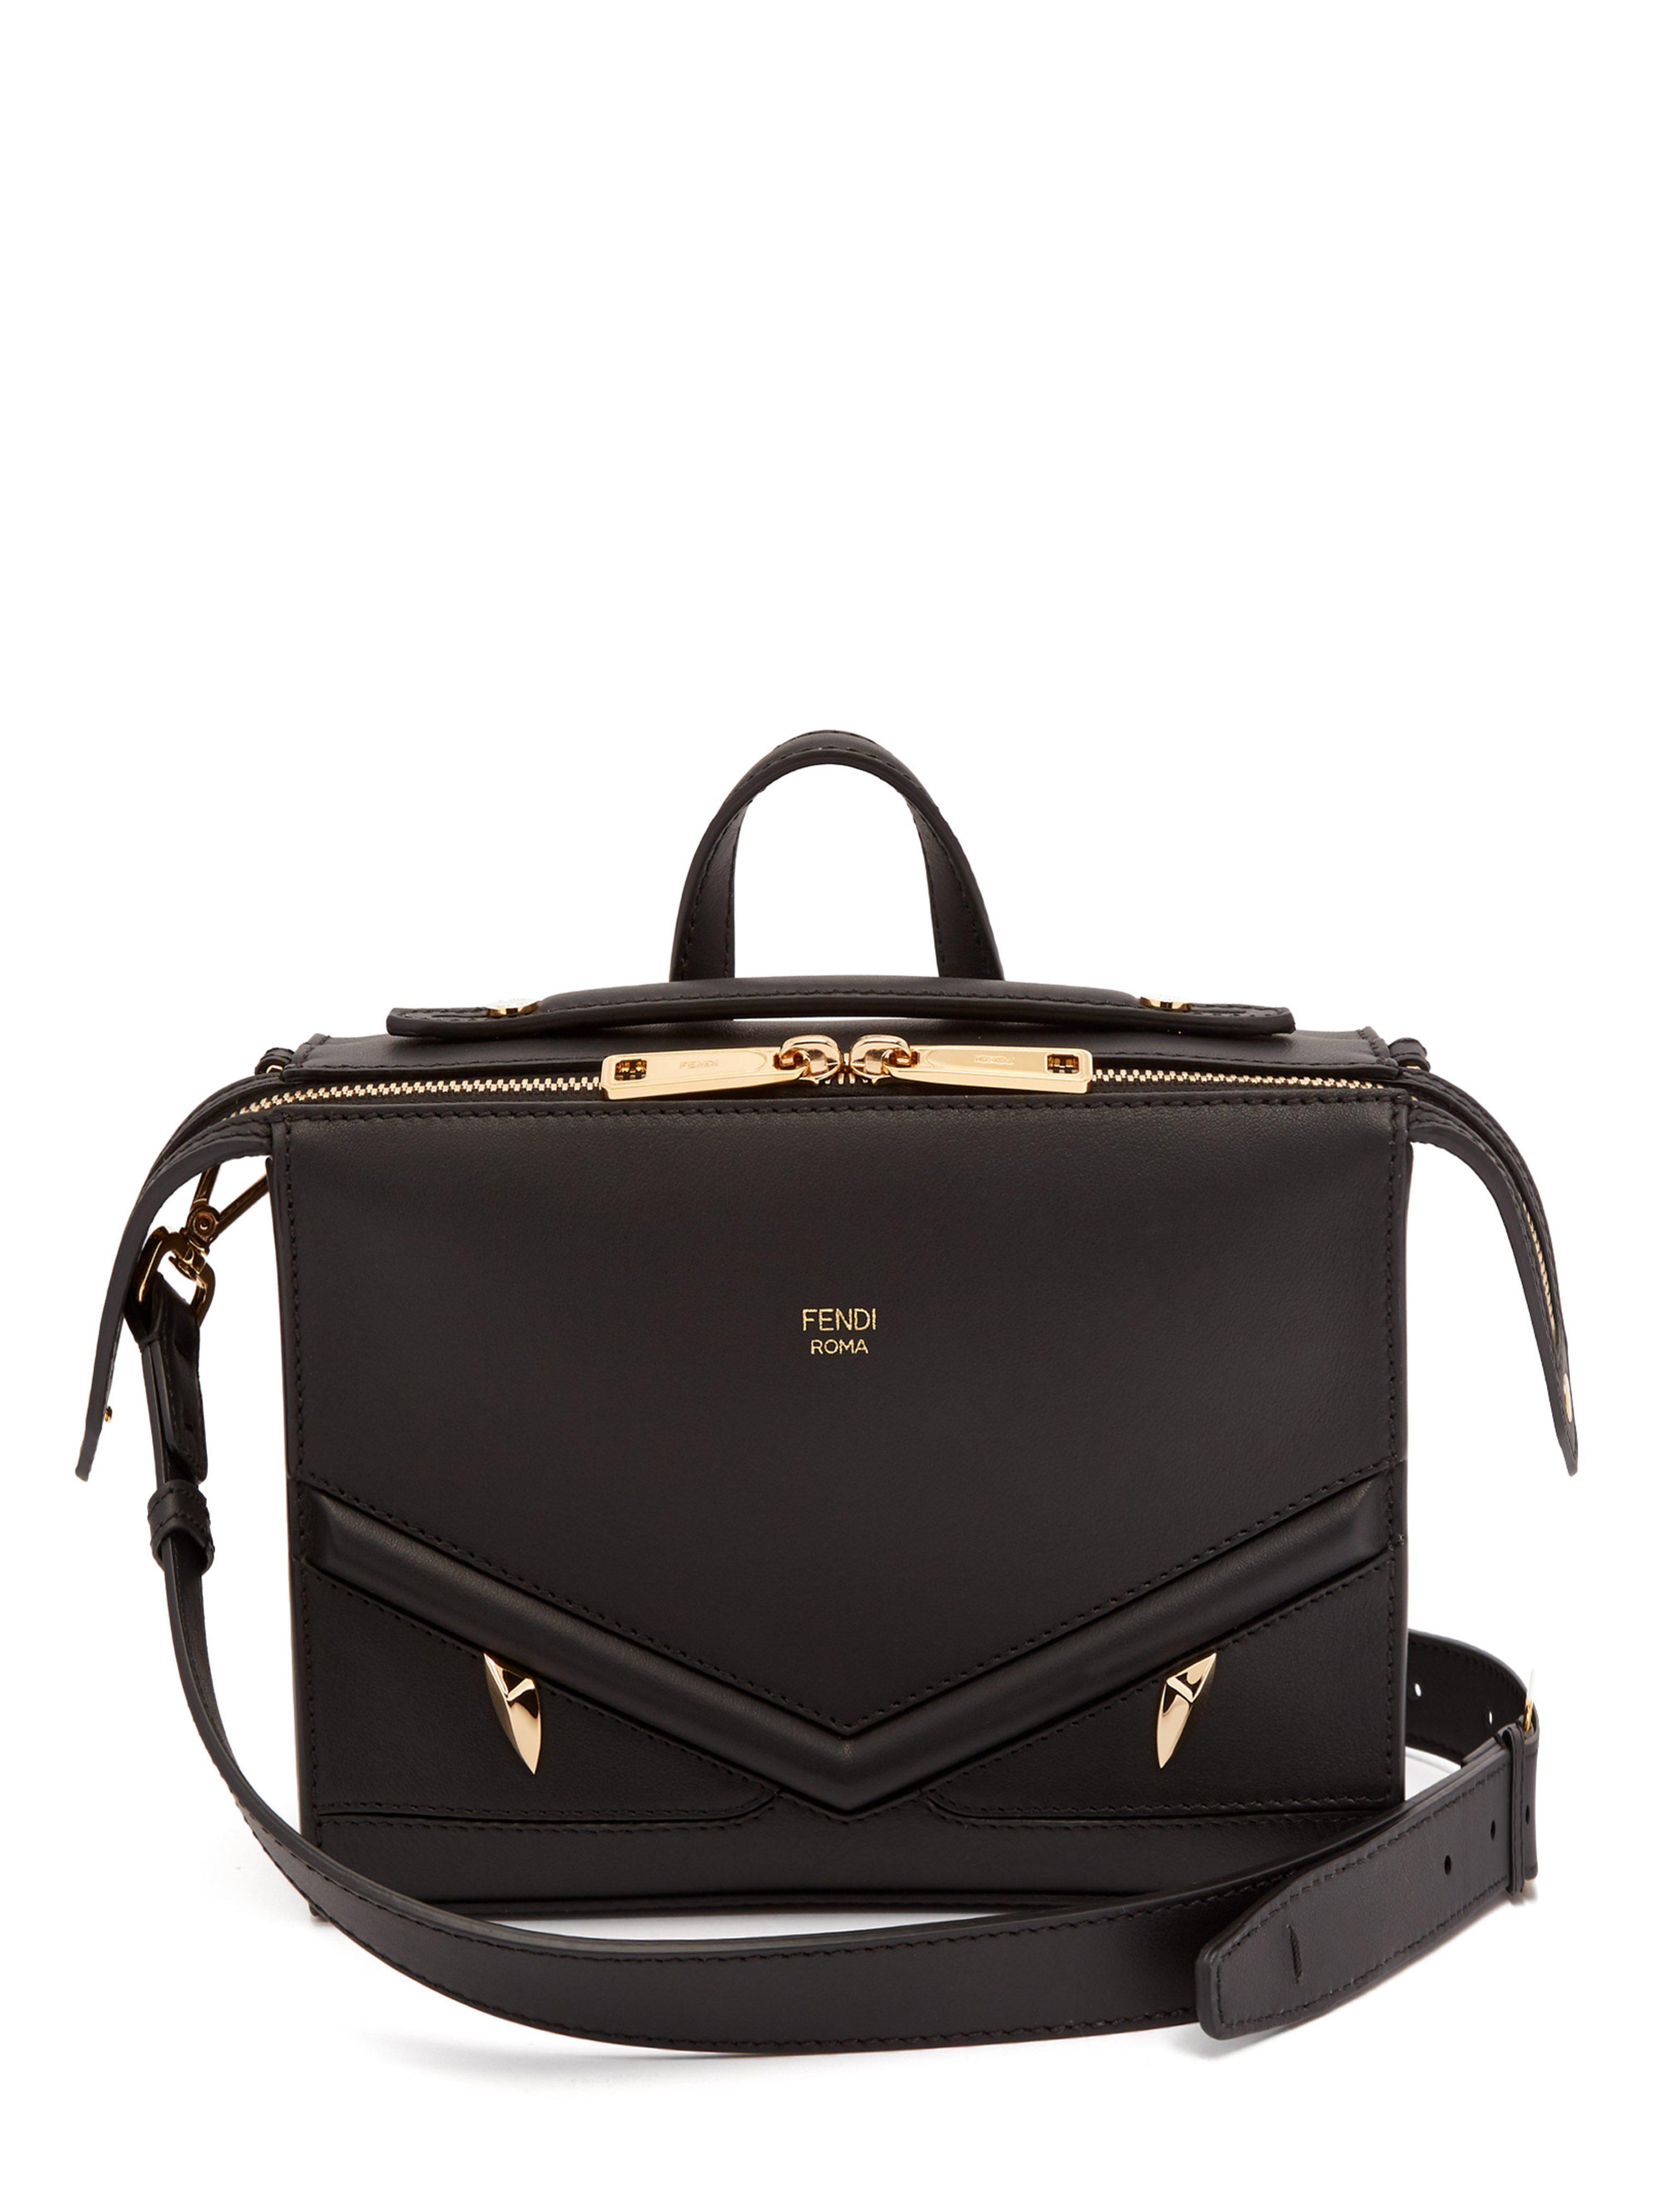 95fc5f5262d7 Fendi Monster Mini Leather Messenger Bag in Black for Men - Lyst